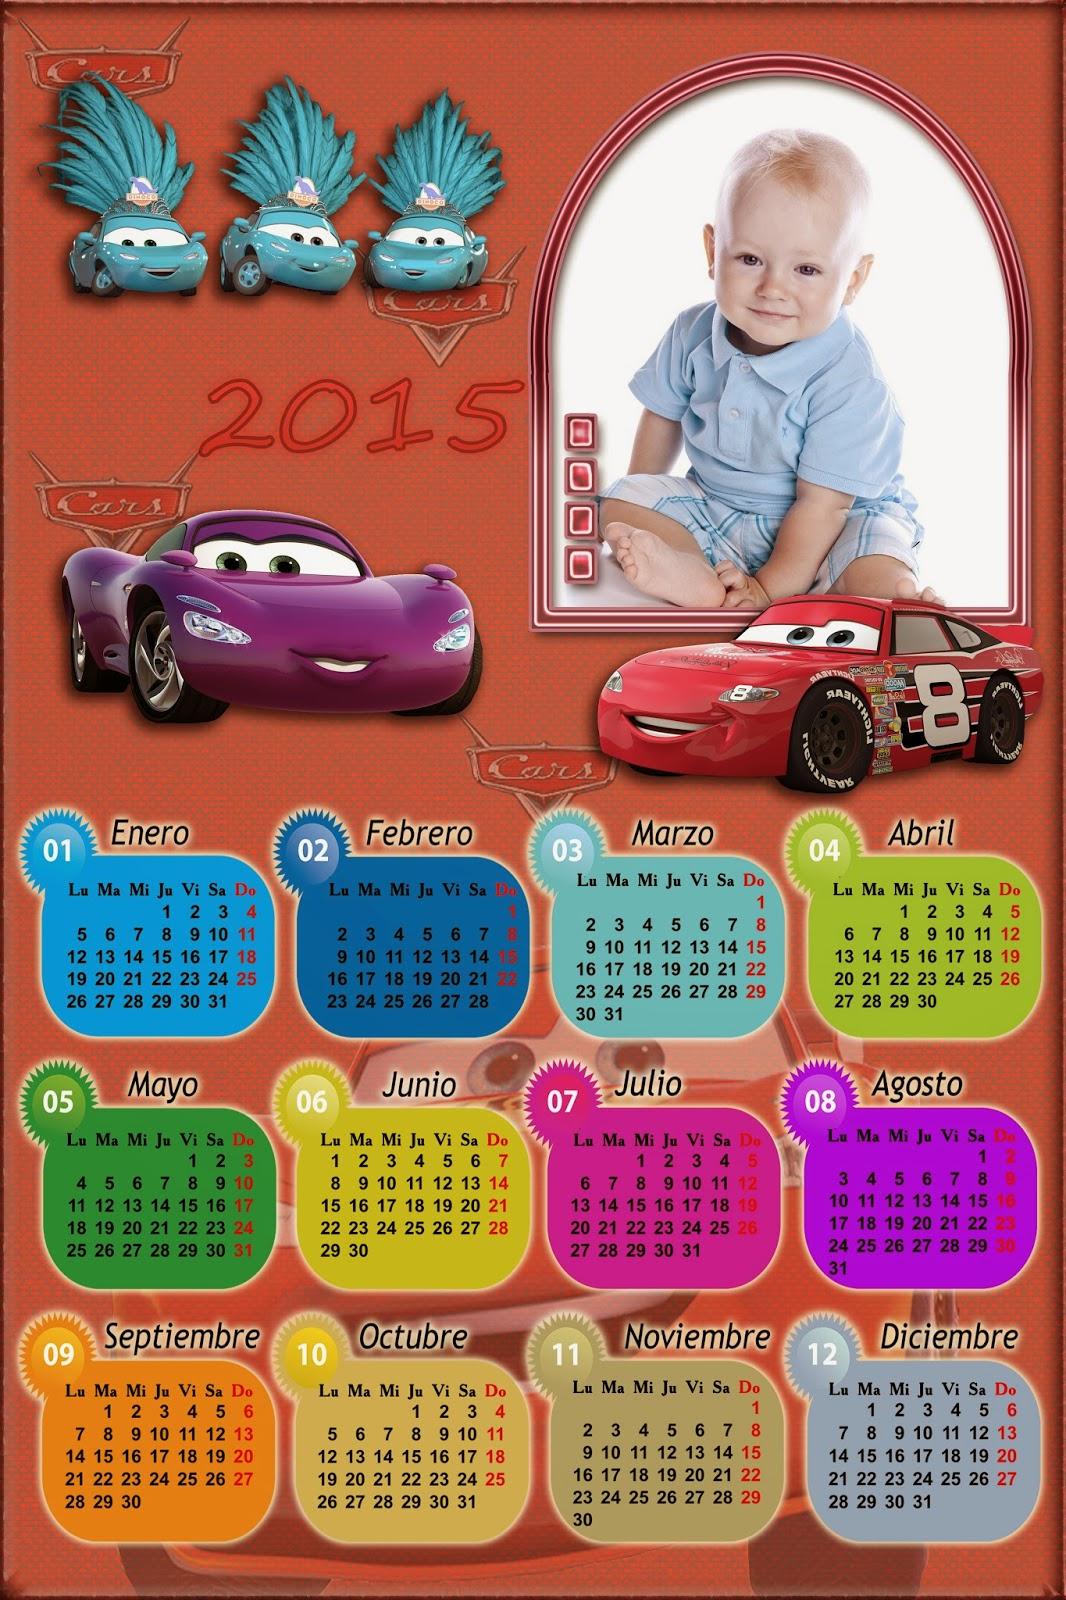 ... : Calendario para el 2015 personajes Cars para Photoshop (Psd y Png